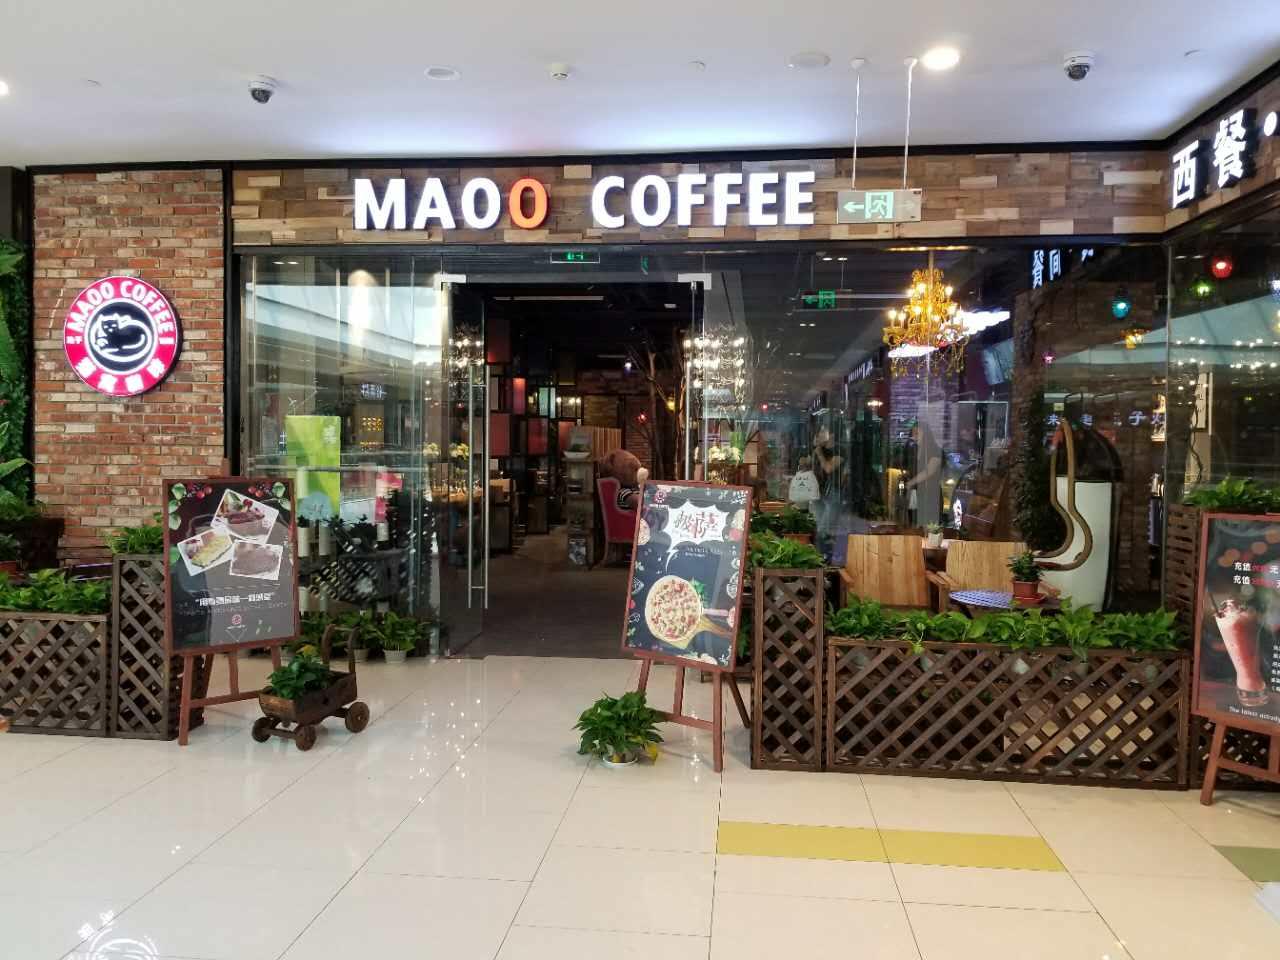 猫窝蓬莱宝龙广场店开张|秋意浓情时,咖啡在等你~,